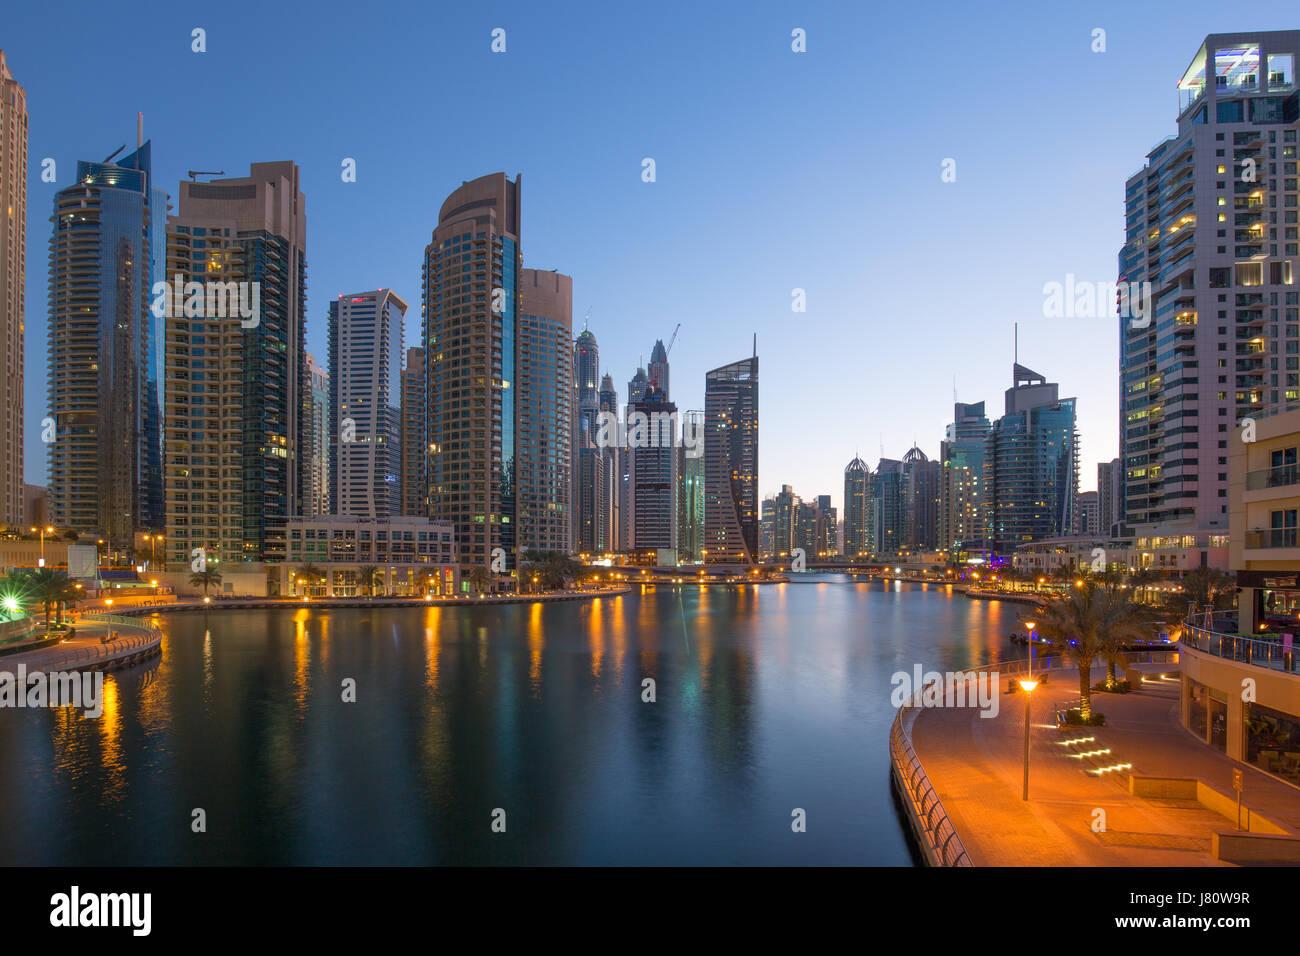 Dubai Marina Wolkenkratzer Wolkenkratzer Dämmerung Nacht blaue Stunde Stadt Vereinigte Arabische Emirate Stockbild